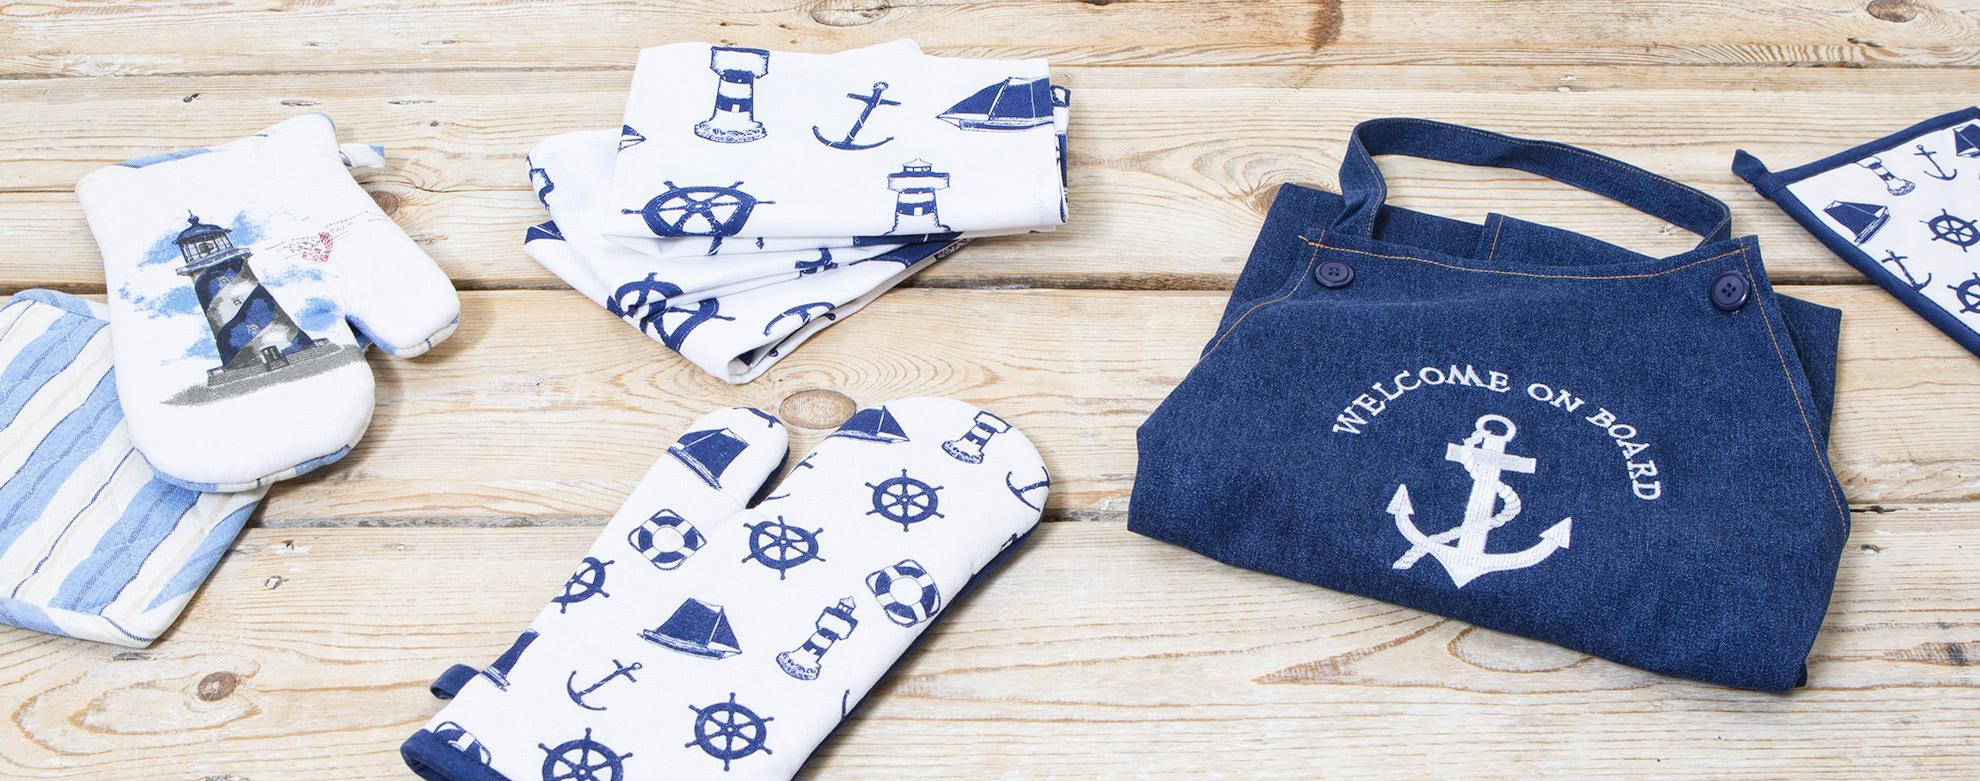 Küchentextilien   Online Shop   Maritim   Jetzt Bestellen   mare-me ... 53cb7ad7ac